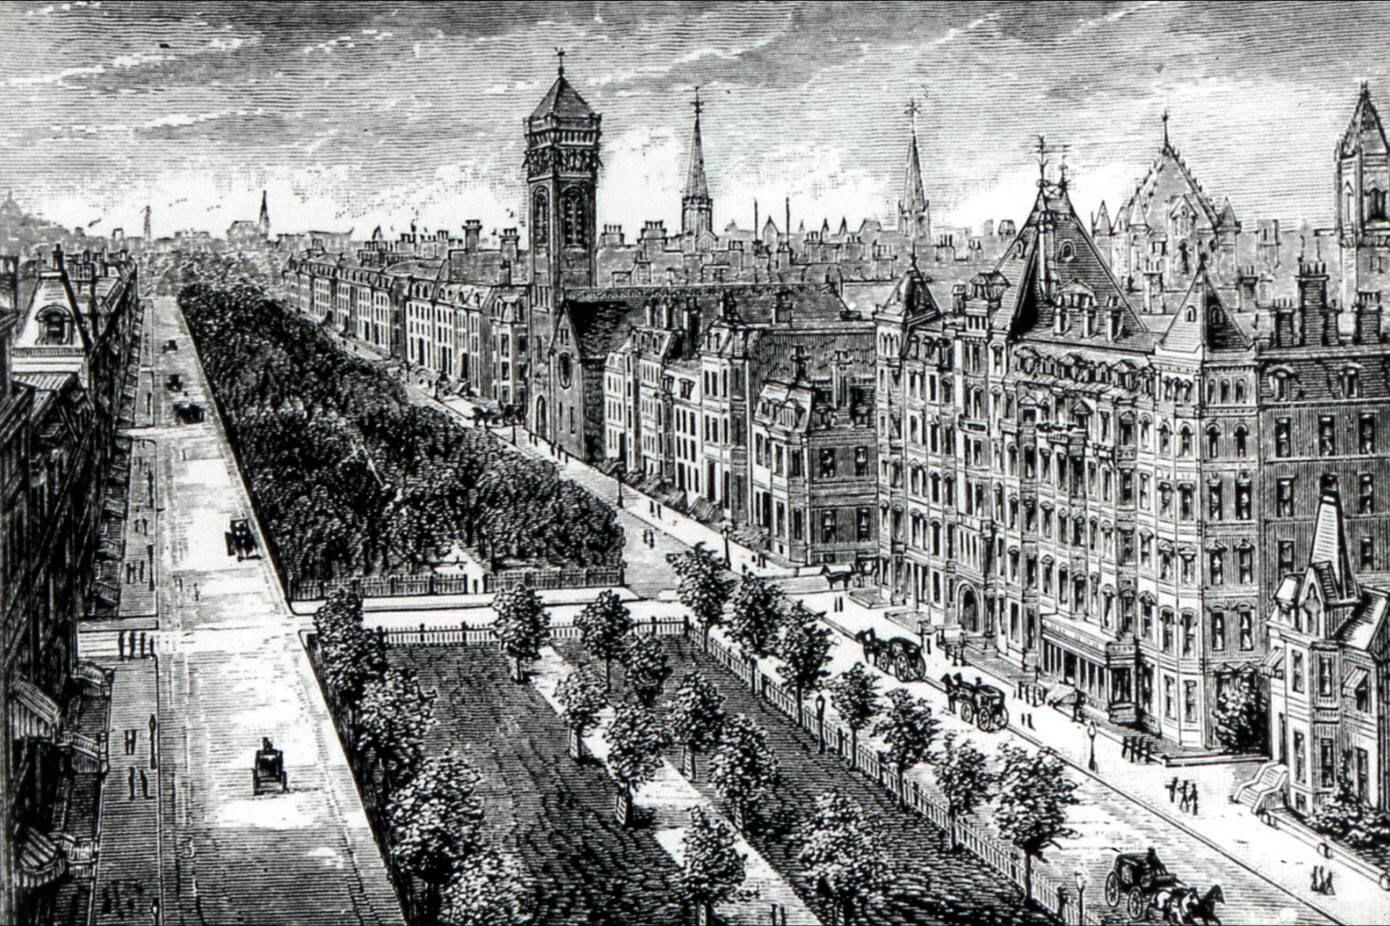 Bir komün nedir: ortaçağda şehir yönetimi